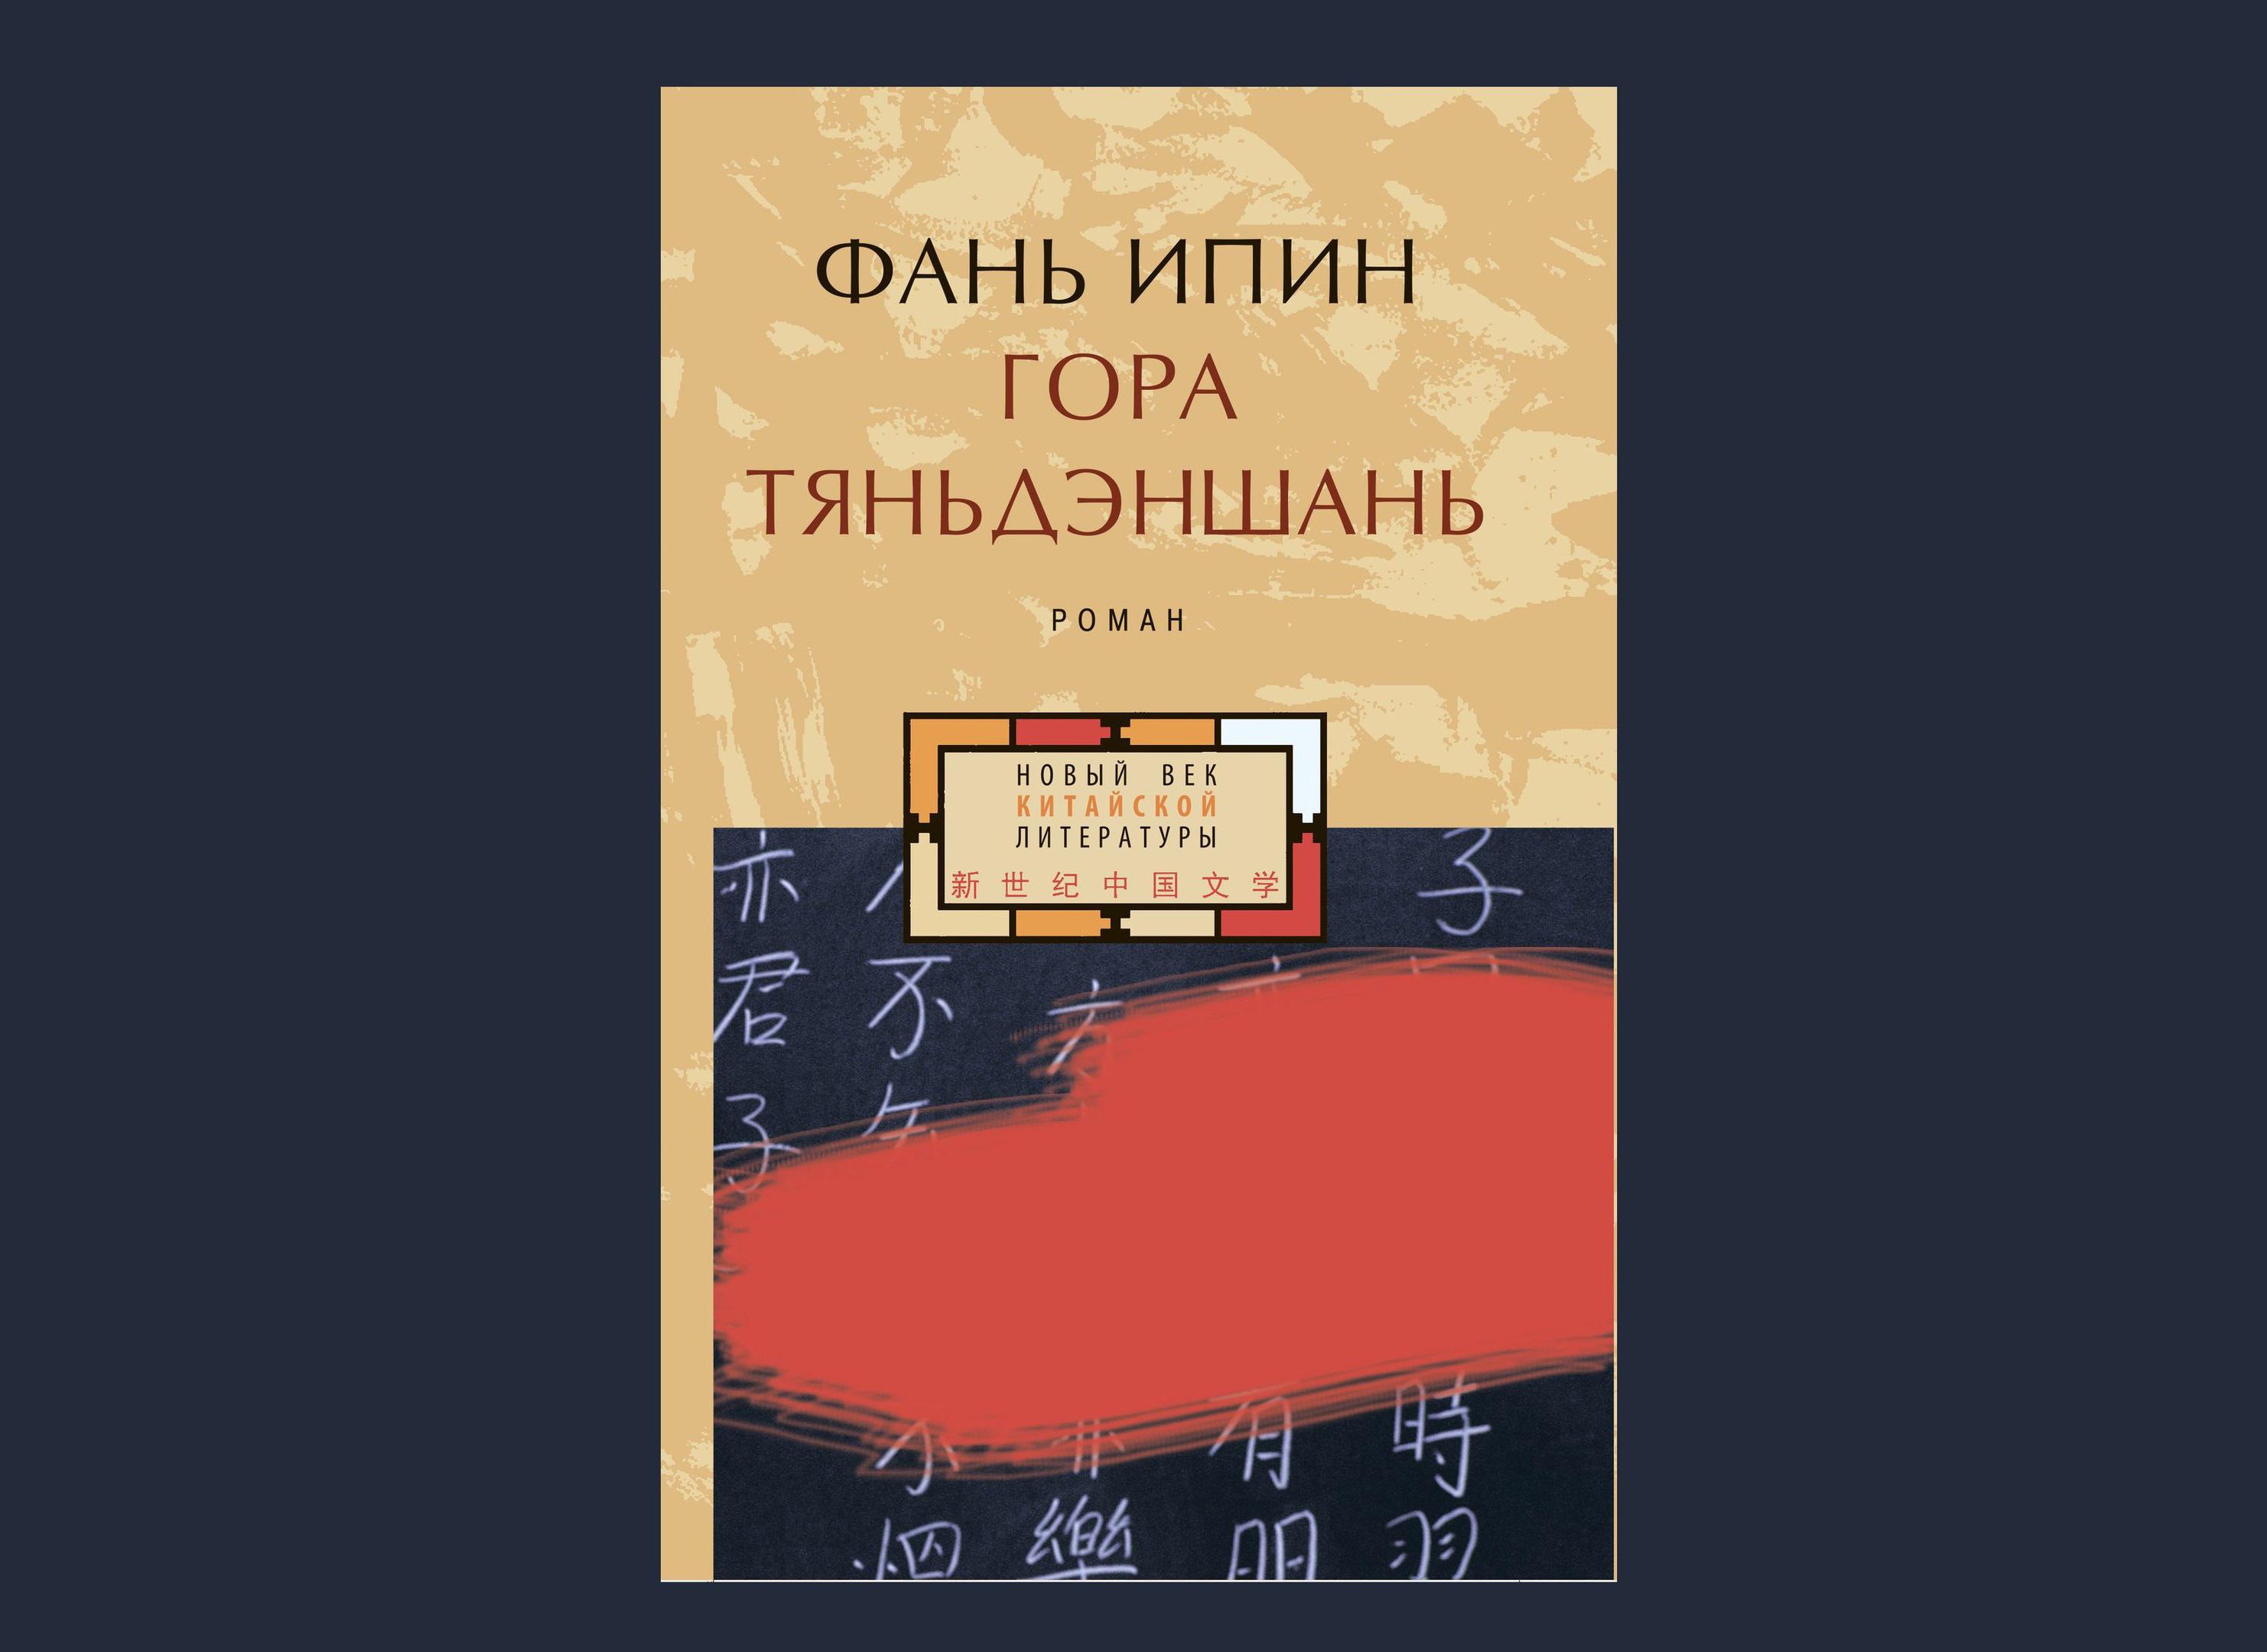 Вышла новая книга в переводе старшего преподавателя Евгении Митькиной